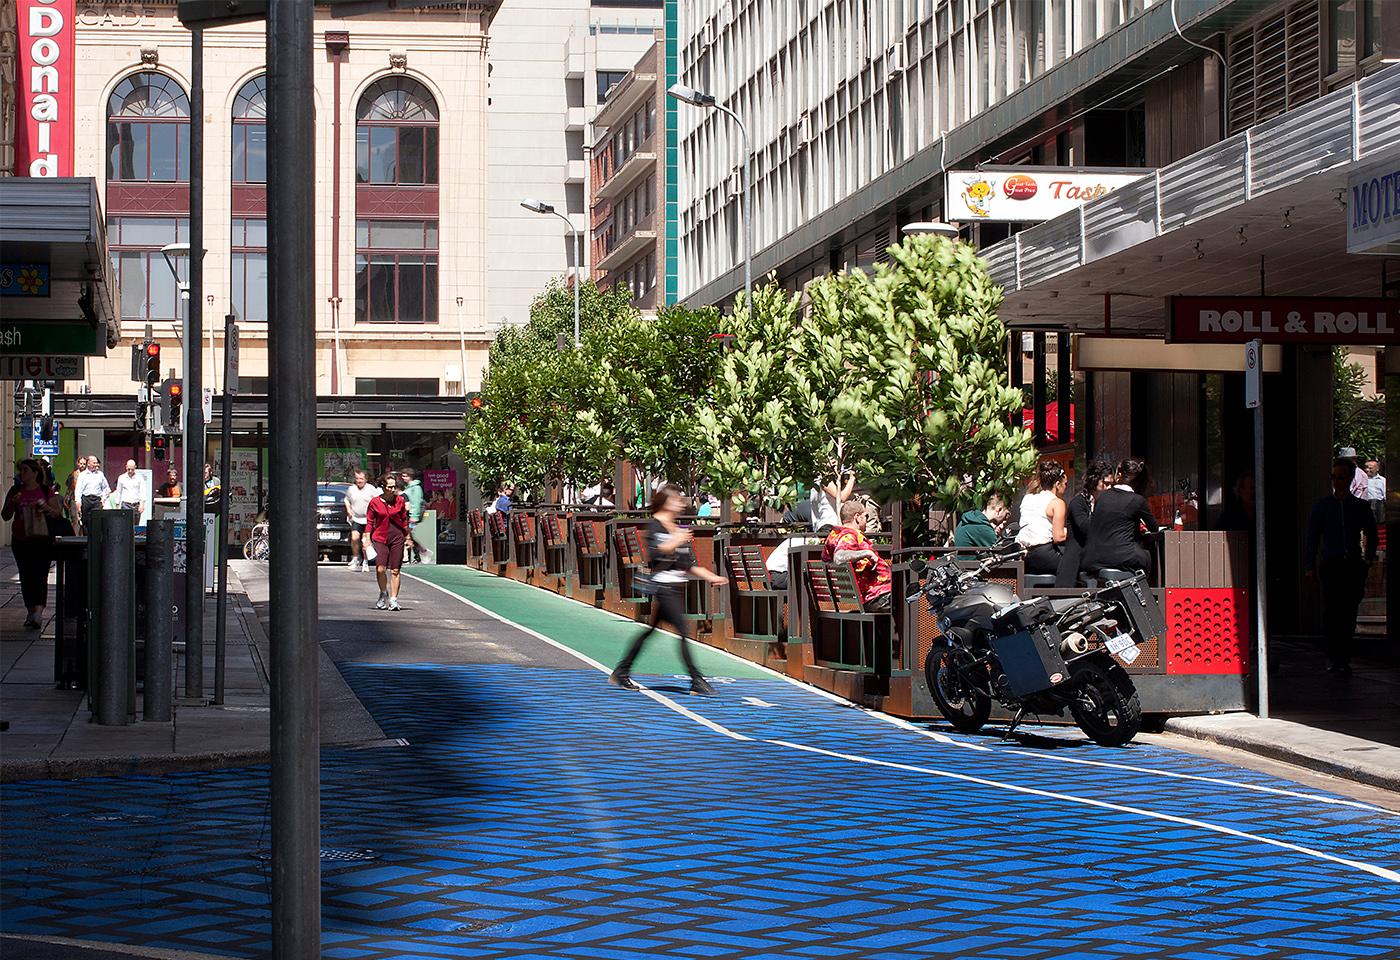 大きなパークレットでコミュニティ道路のようなものを作っている。(photo by TAYLOR.CULLITY.LETHLEAN http://www.tcl.net.au/projects/urban-design/bank-street)